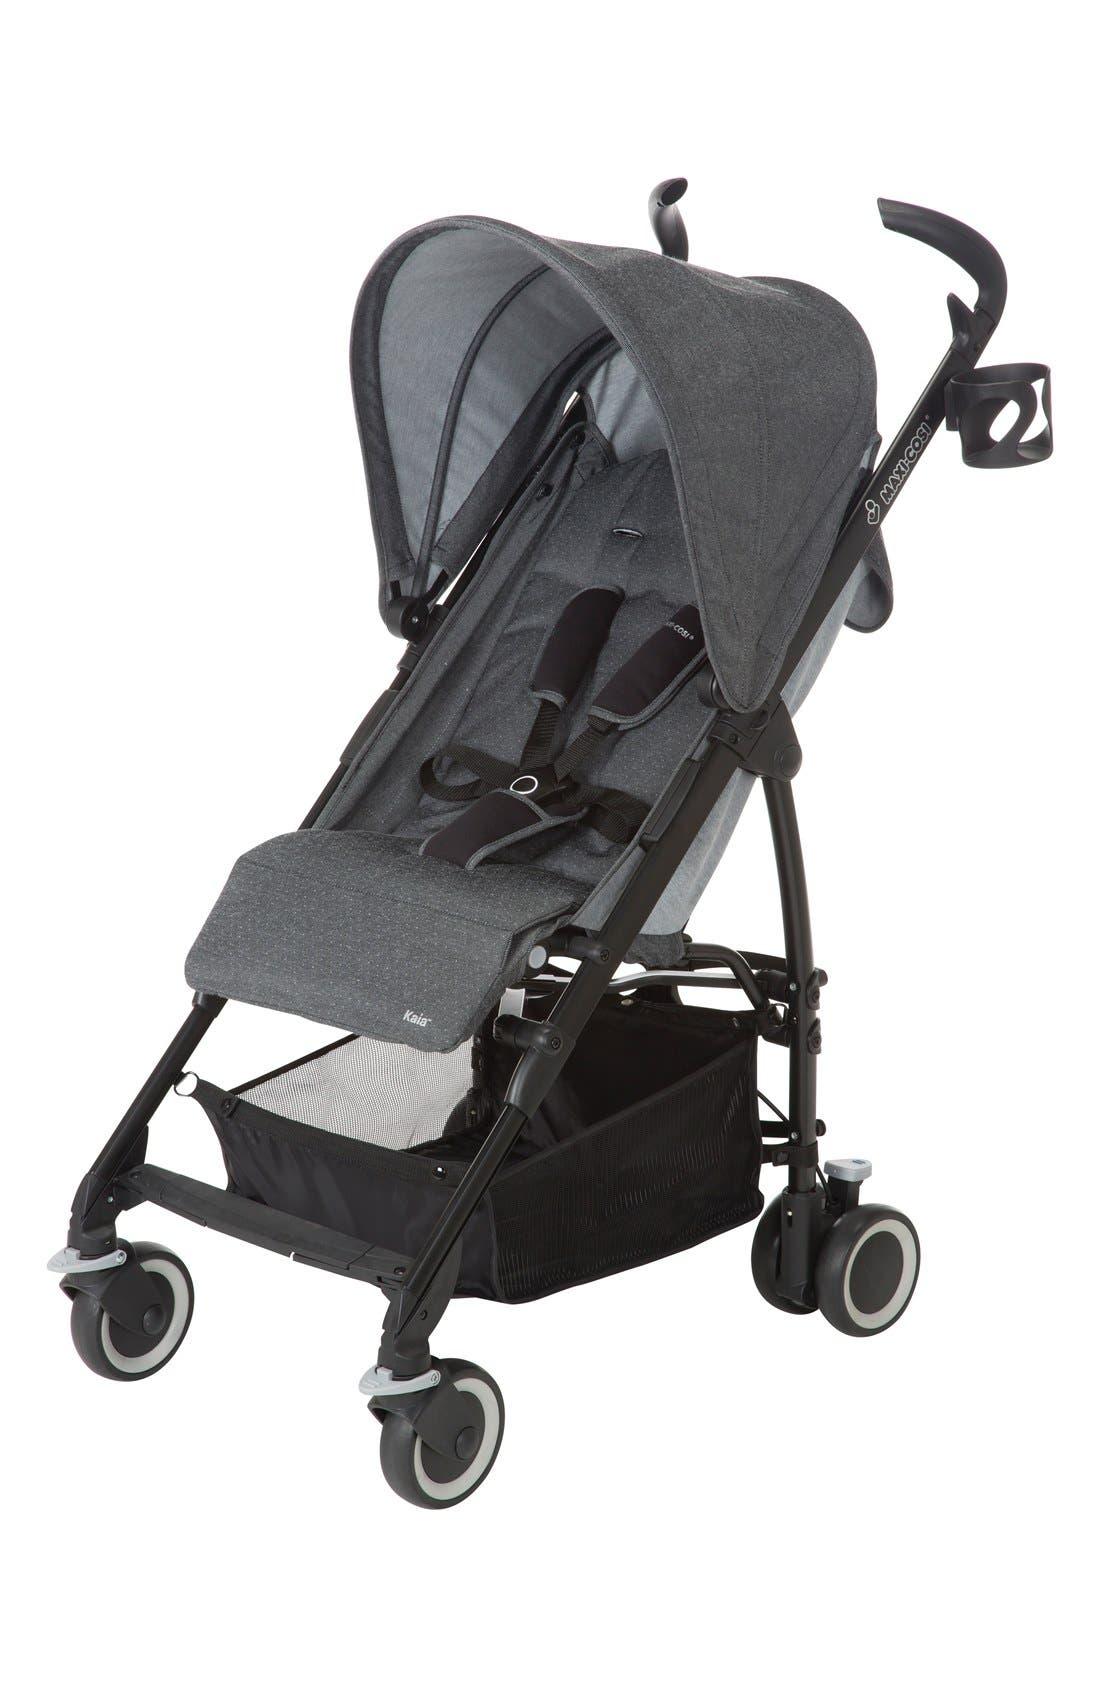 Maxi-Cosi® Kaia Compact Fold Stroller (Nordstrom Exclusive)